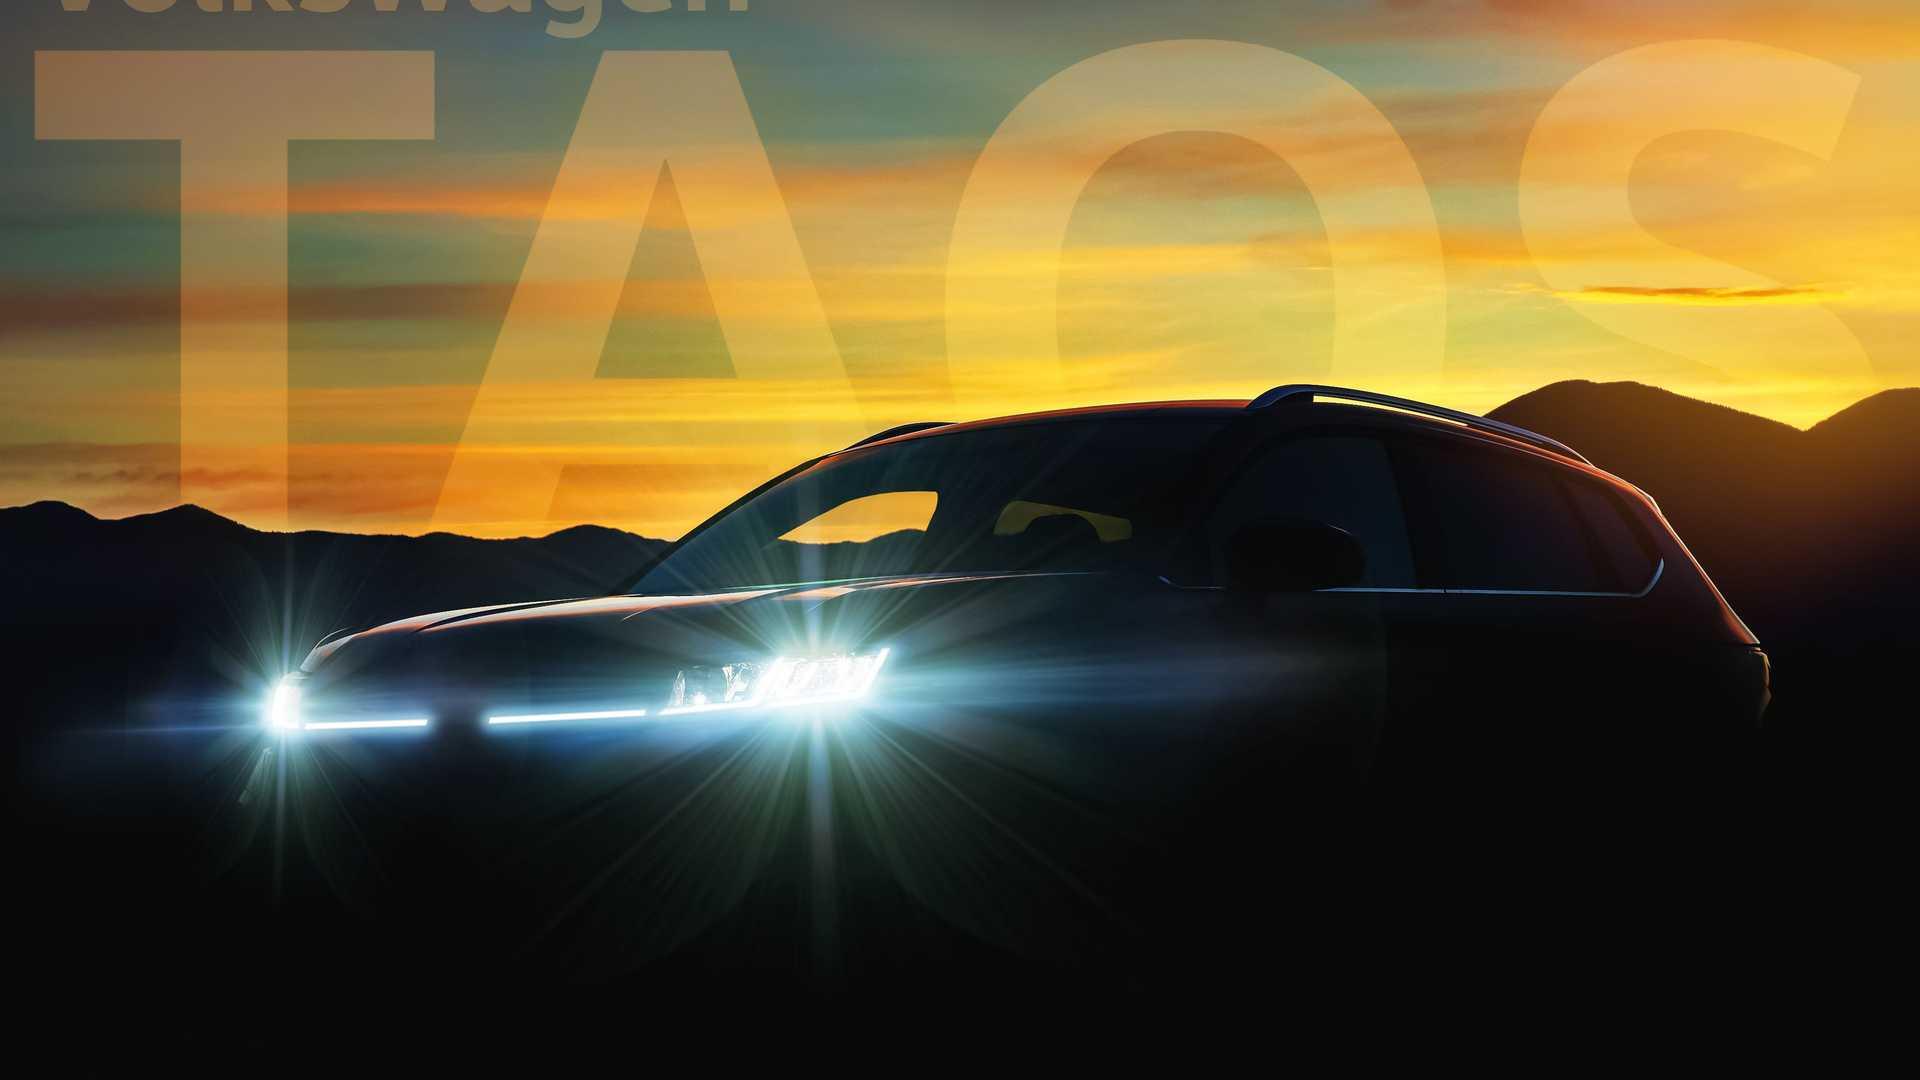 Американское подразделение «Фольксваген» анонсировало выход нового кросса для США под названием Taos, который встанет на ступеньку ниже «Тигуана».  Его премьера состоится 13 октября.